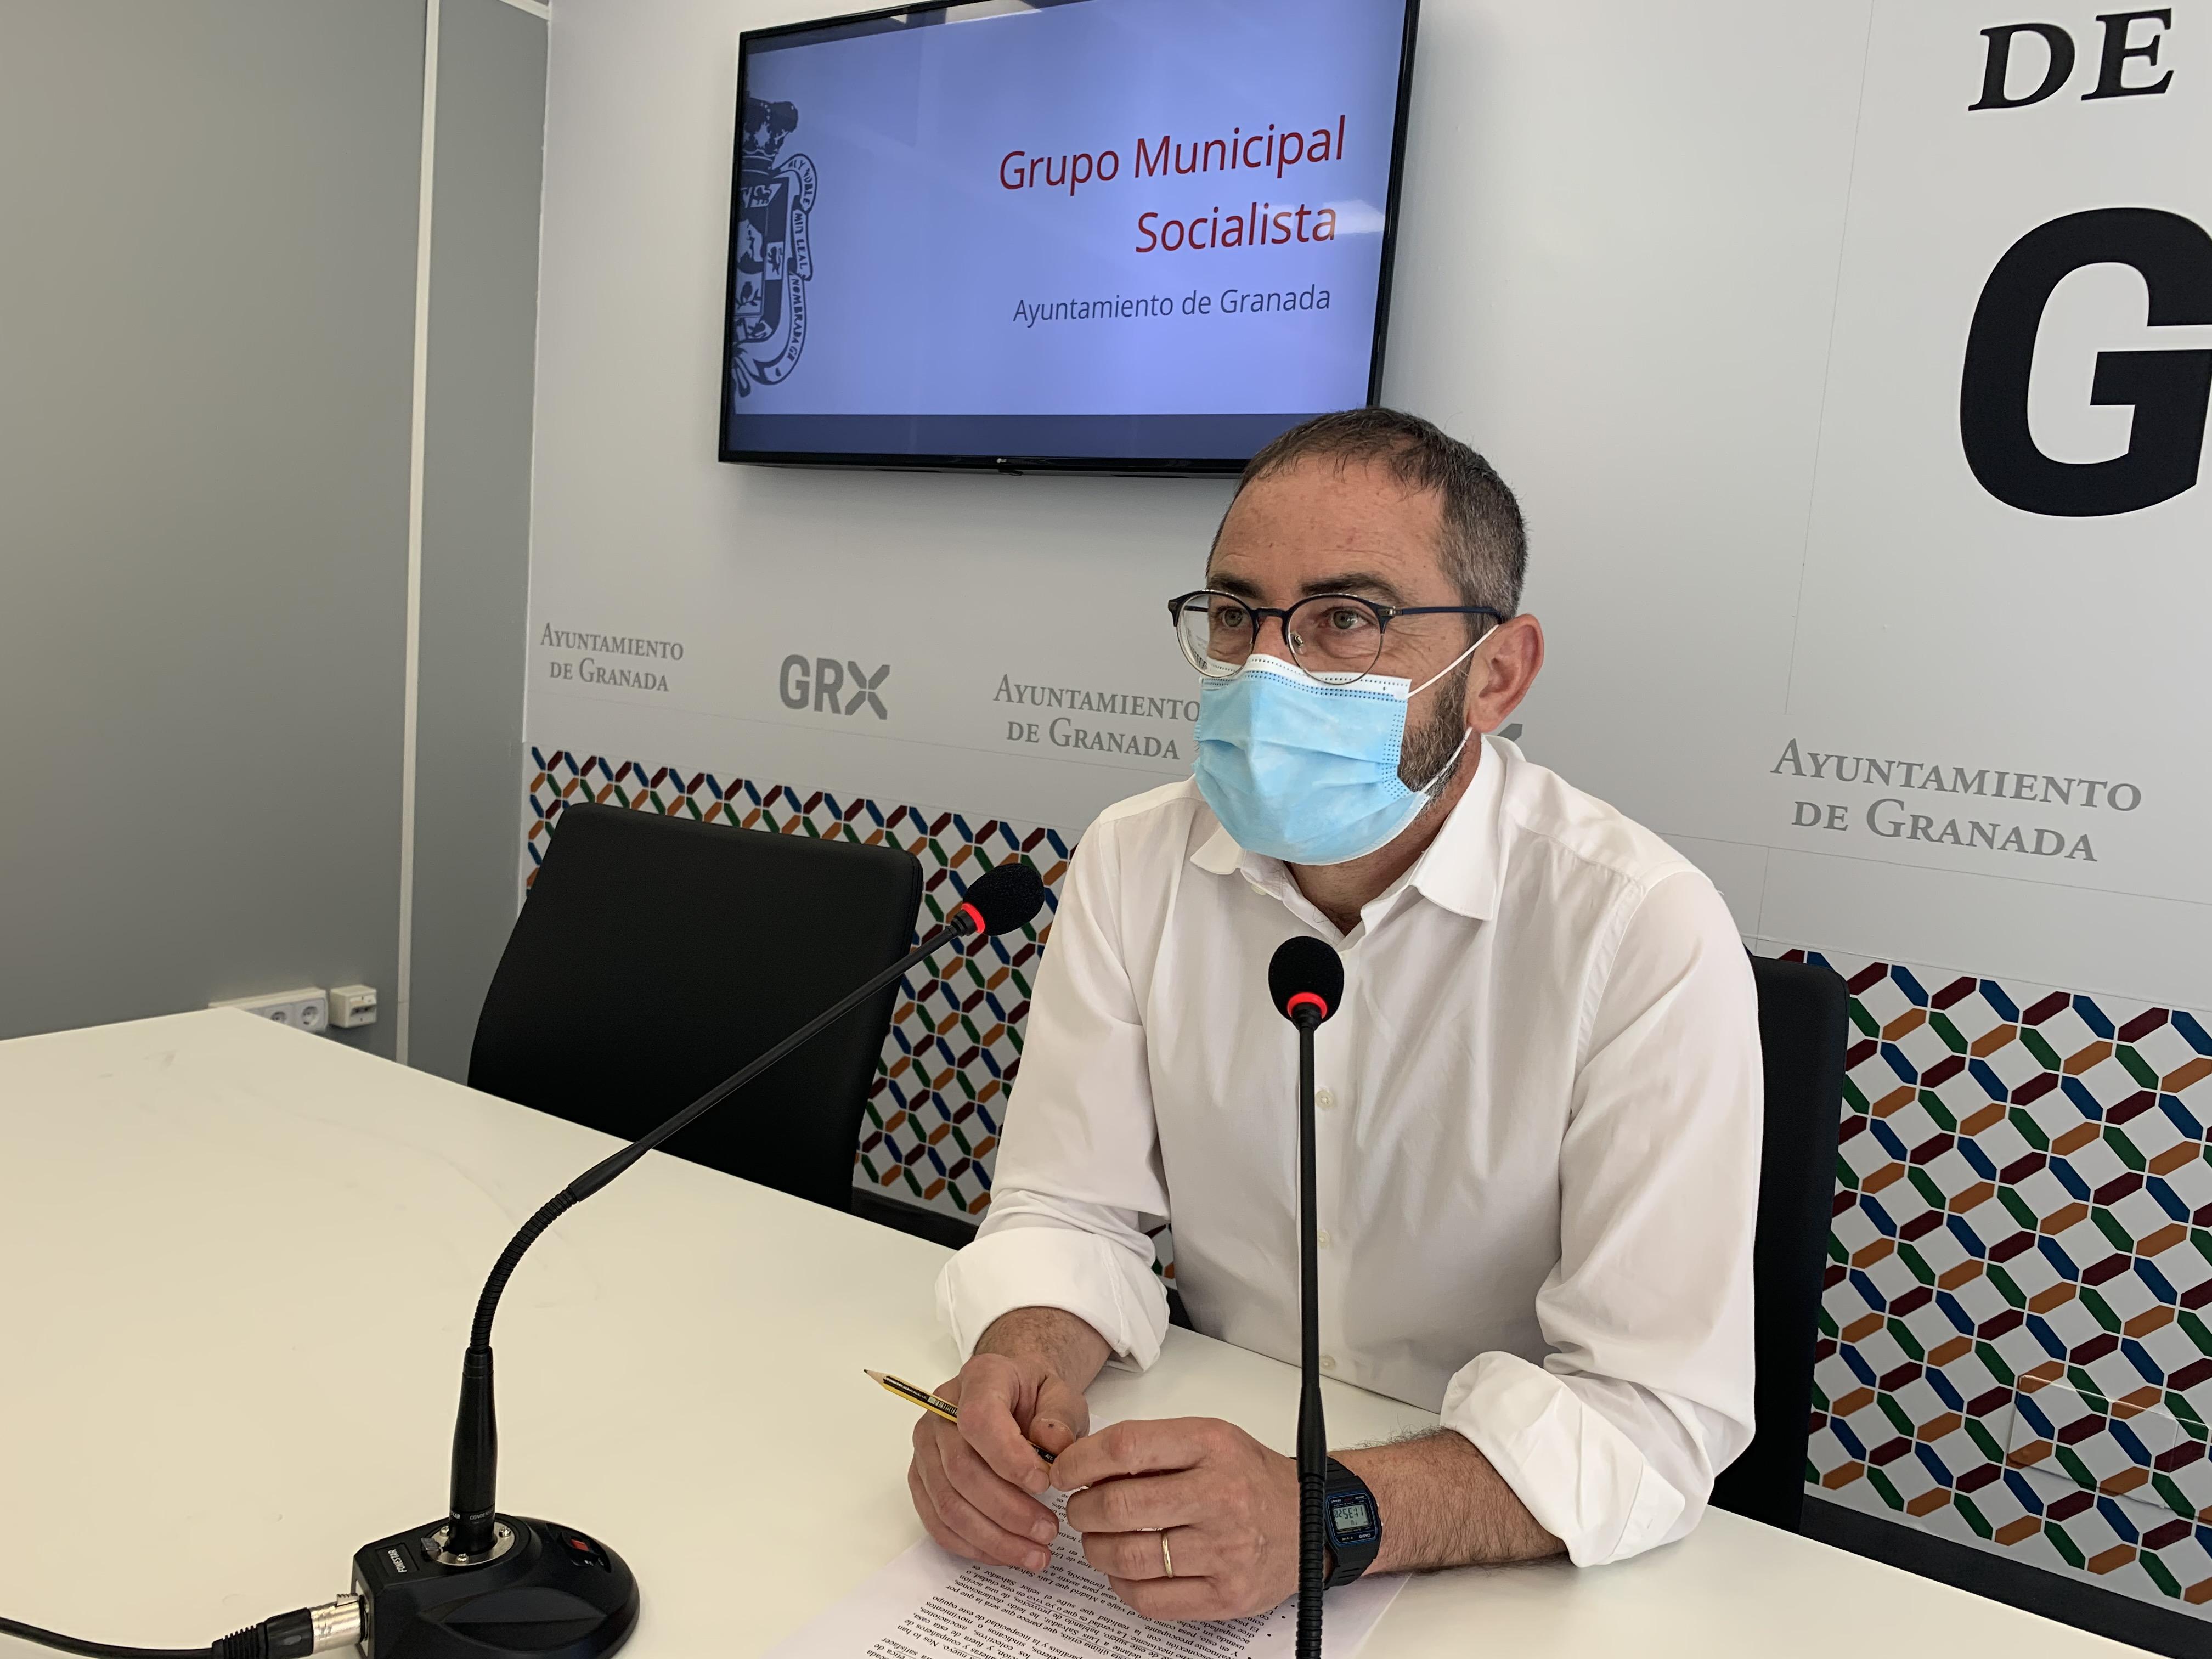 El PSOE acusa al PP de «renegar del Urbanismo» y tener la ciudad «paralizada y sin obra pública»